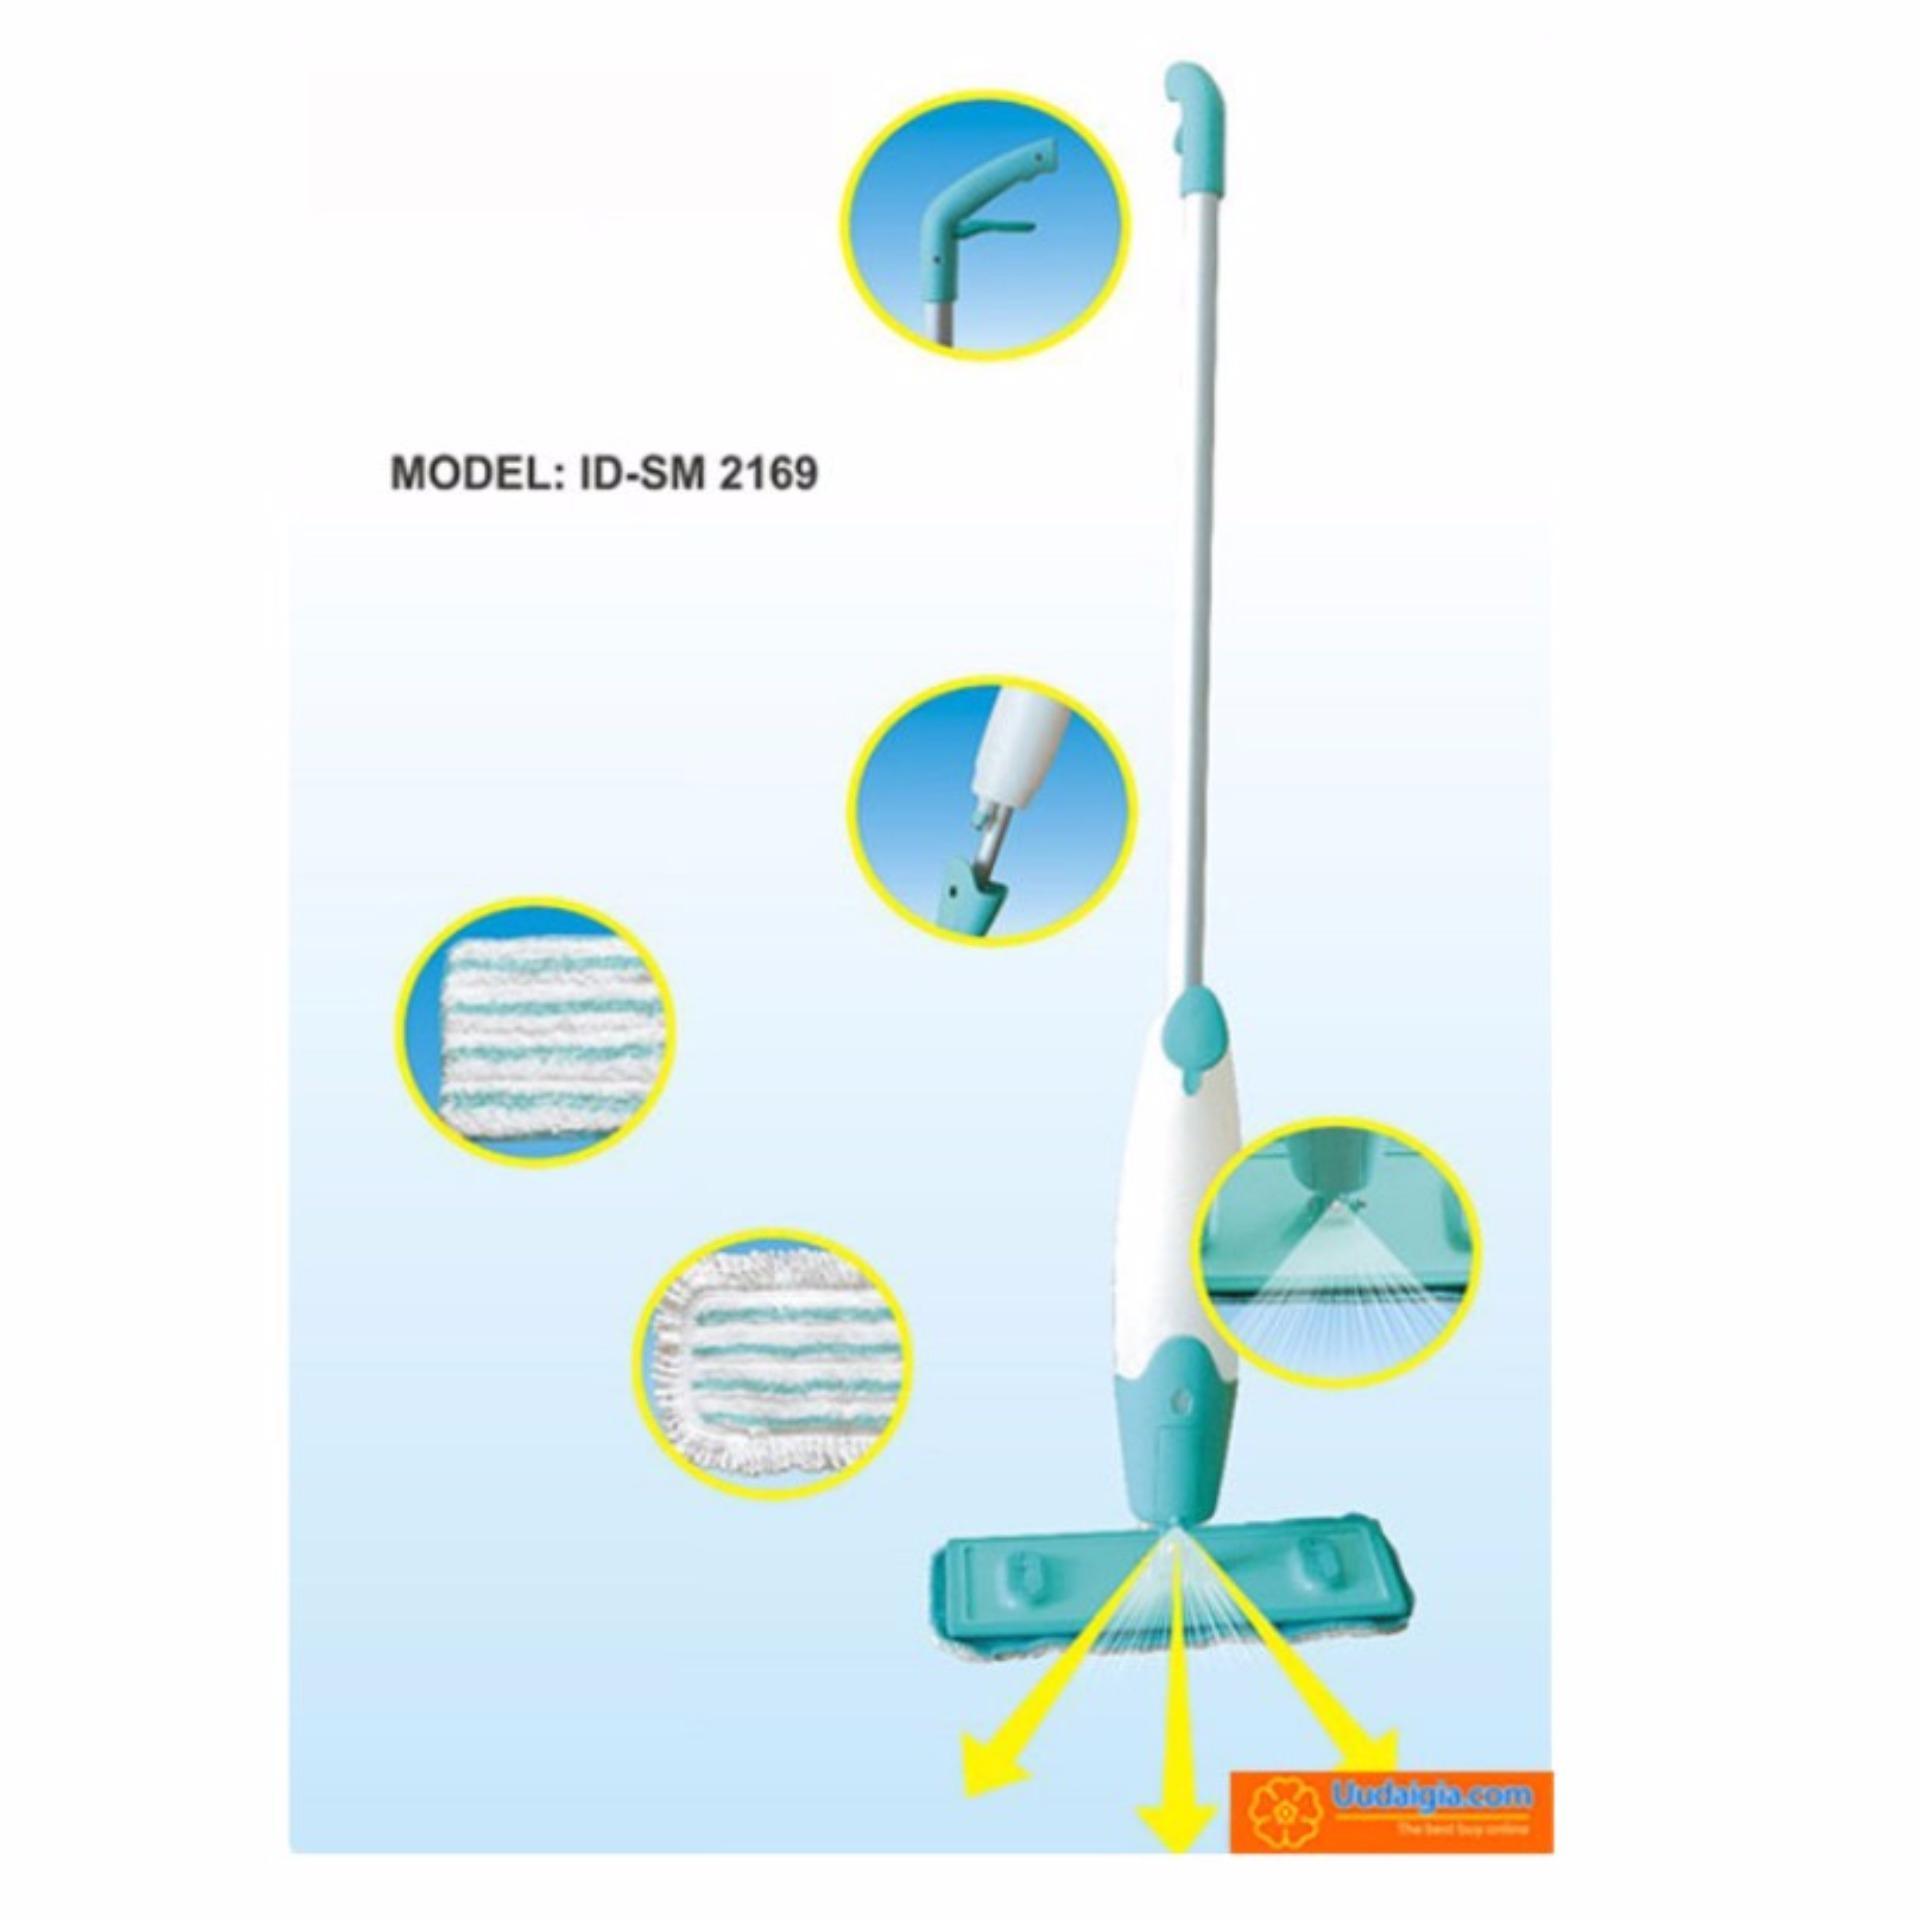 Chổi lau nhà kiêm bình phun nước 2in1 xoay 360 độ (Xanh) - Hàngnhập khẩu